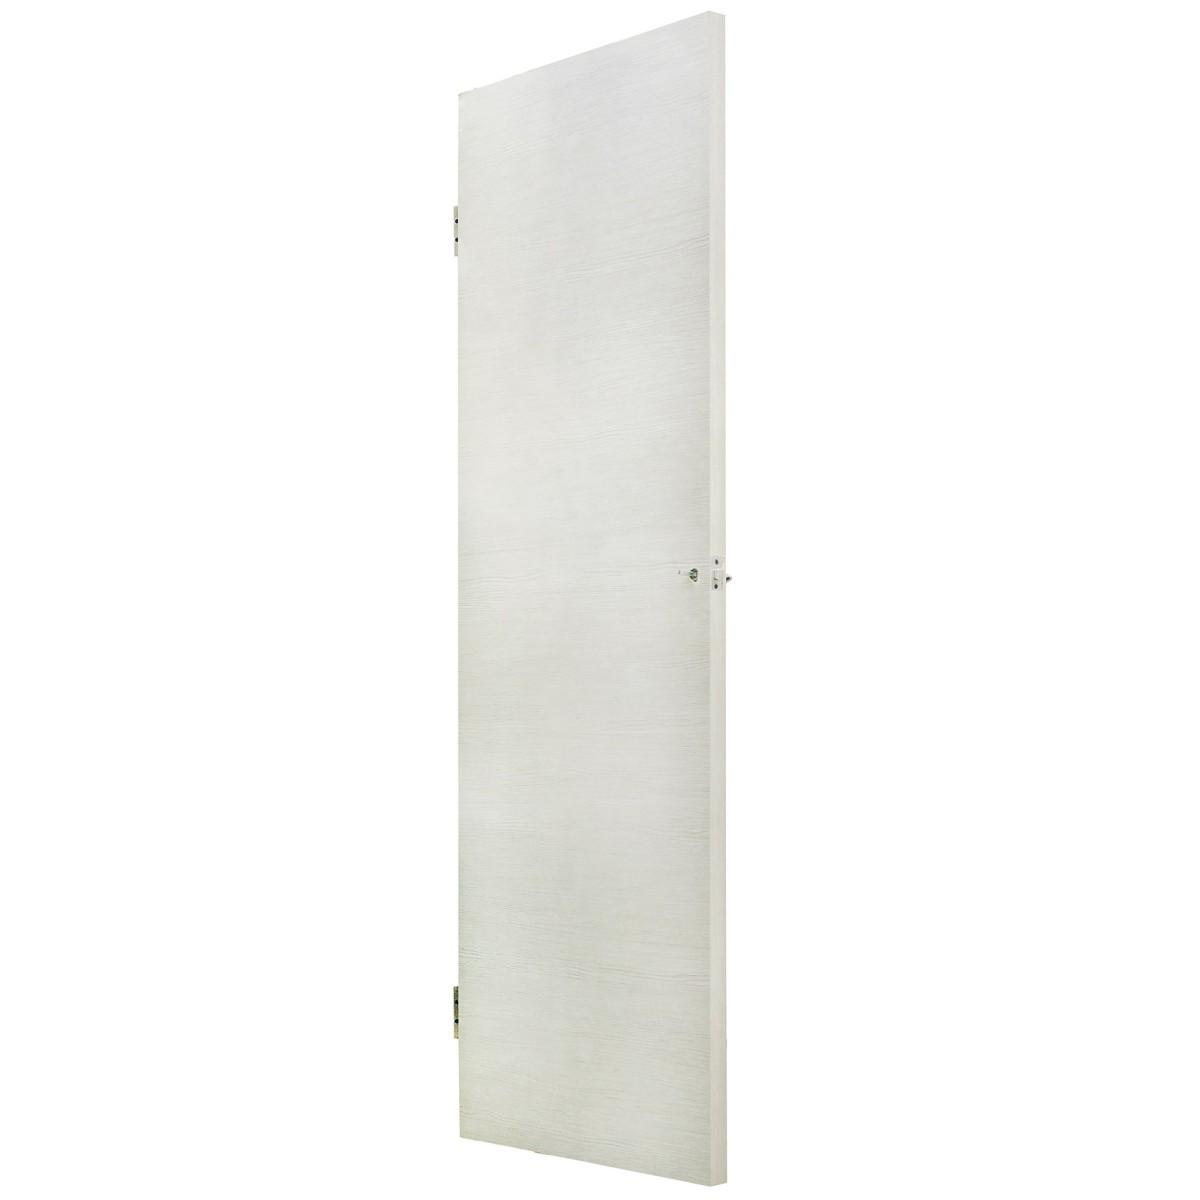 Дверь Межкомнатная Глухая Эклипс 70x200 Цвет Серый Дуб